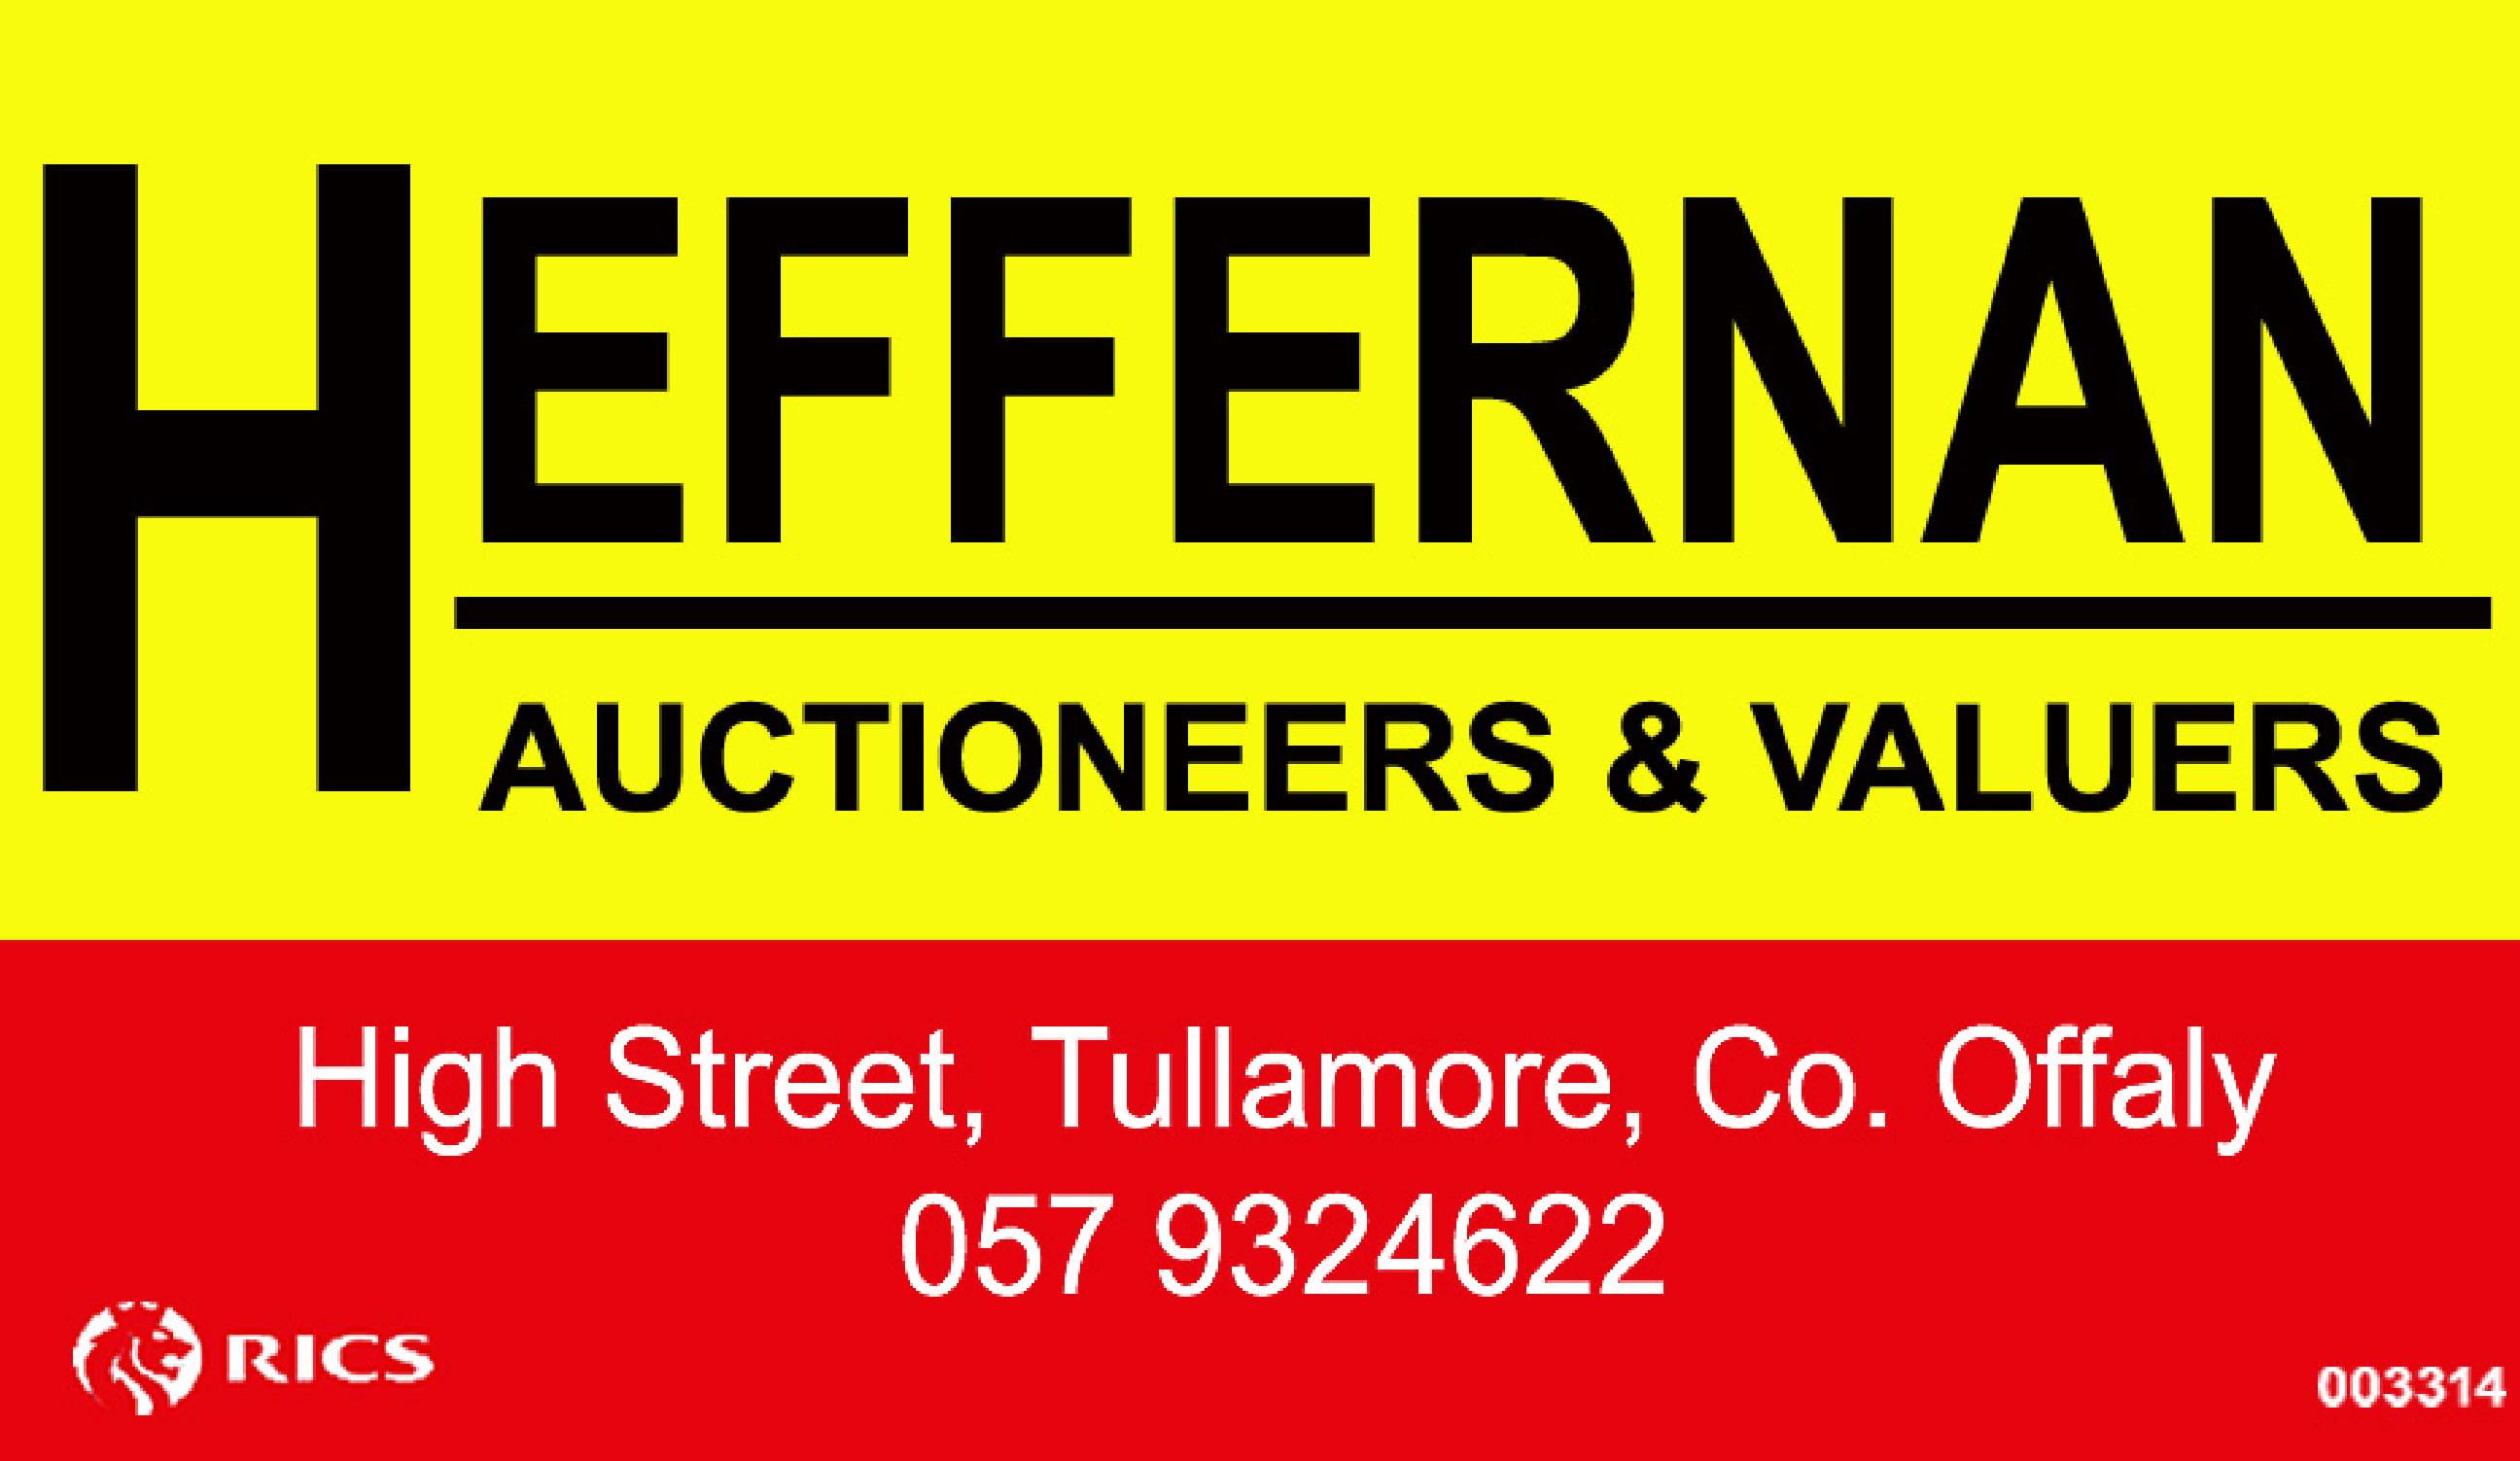 Heffernan Auctioneers